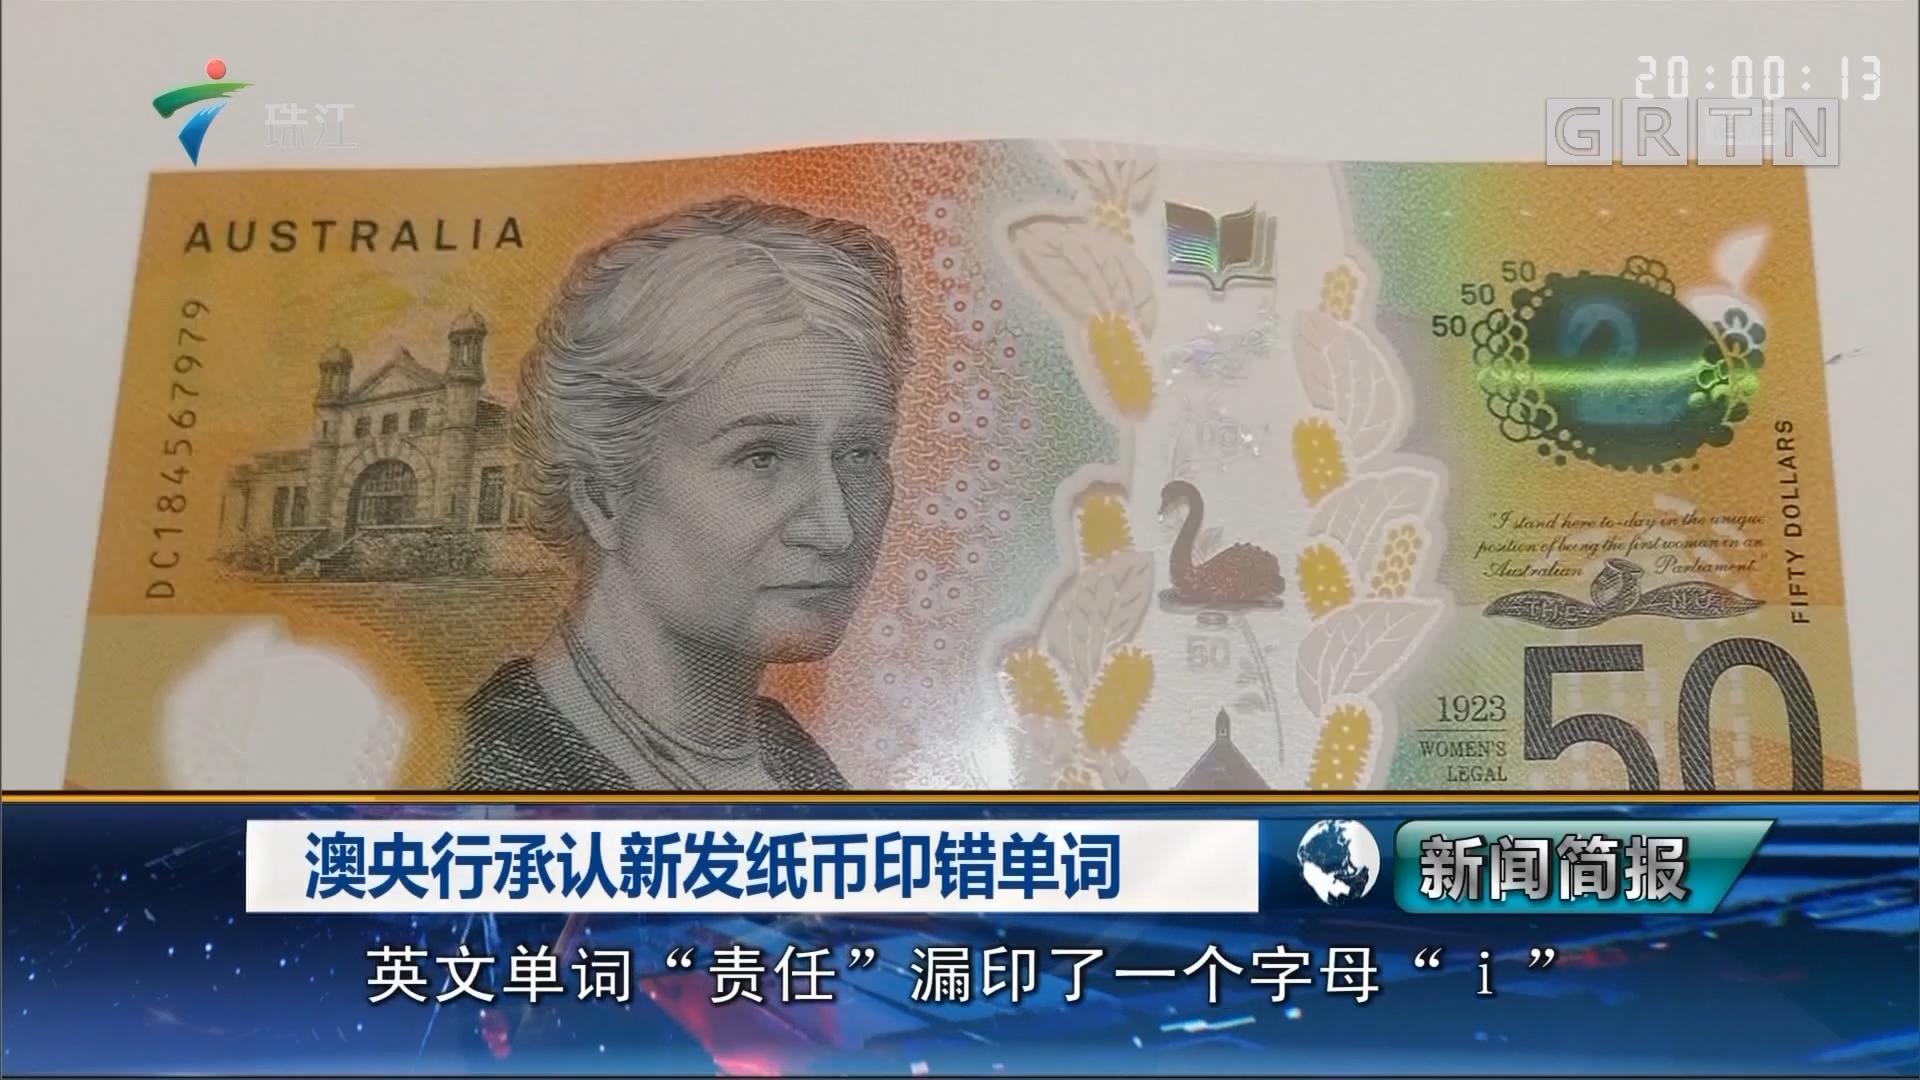 澳央行承认新发纸币印错单词